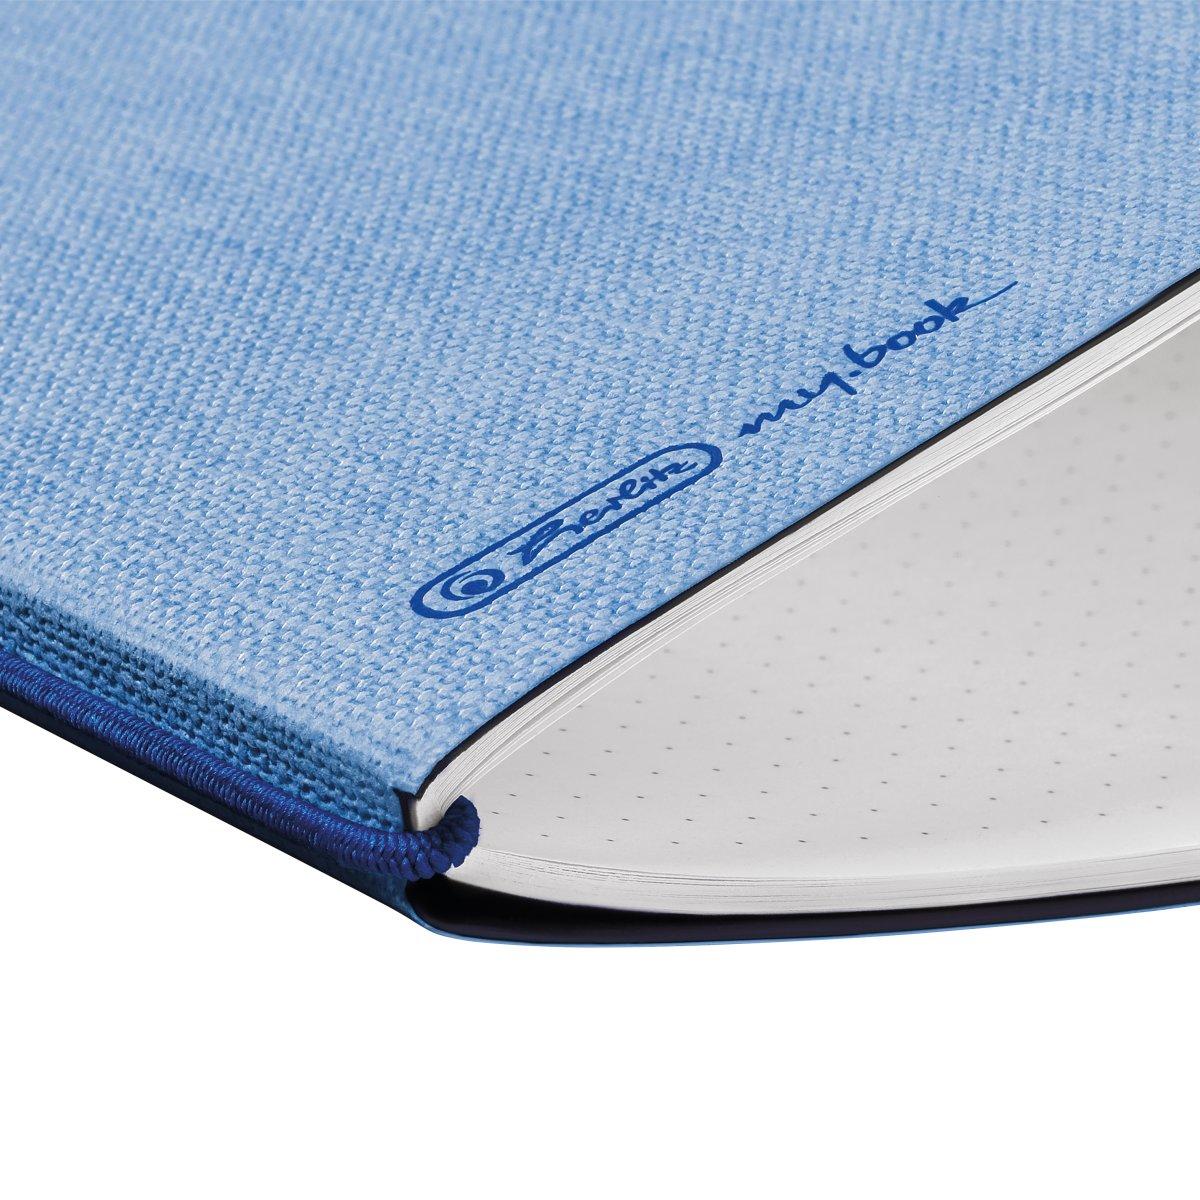 Herlitz 50033737 - Einfarbig - Blau - A6 - 40 Blätter - Erwachsener